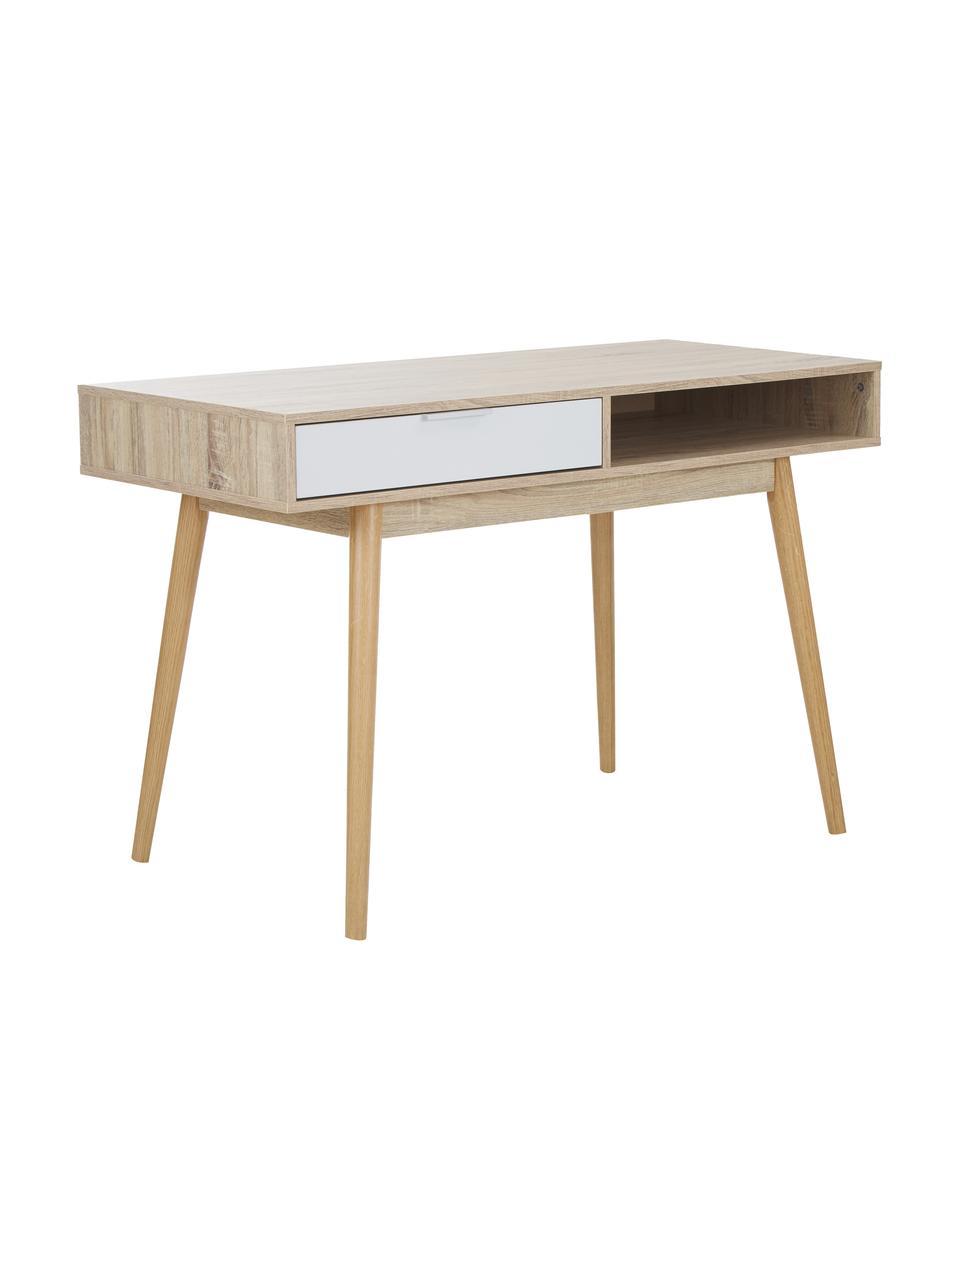 Bureau Samo in eikenhoutlook, Tafelblad: spaanplaat, in folie, Poten: eikenhout, Eikenhoutkleurig, wit, 120 x 79 cm